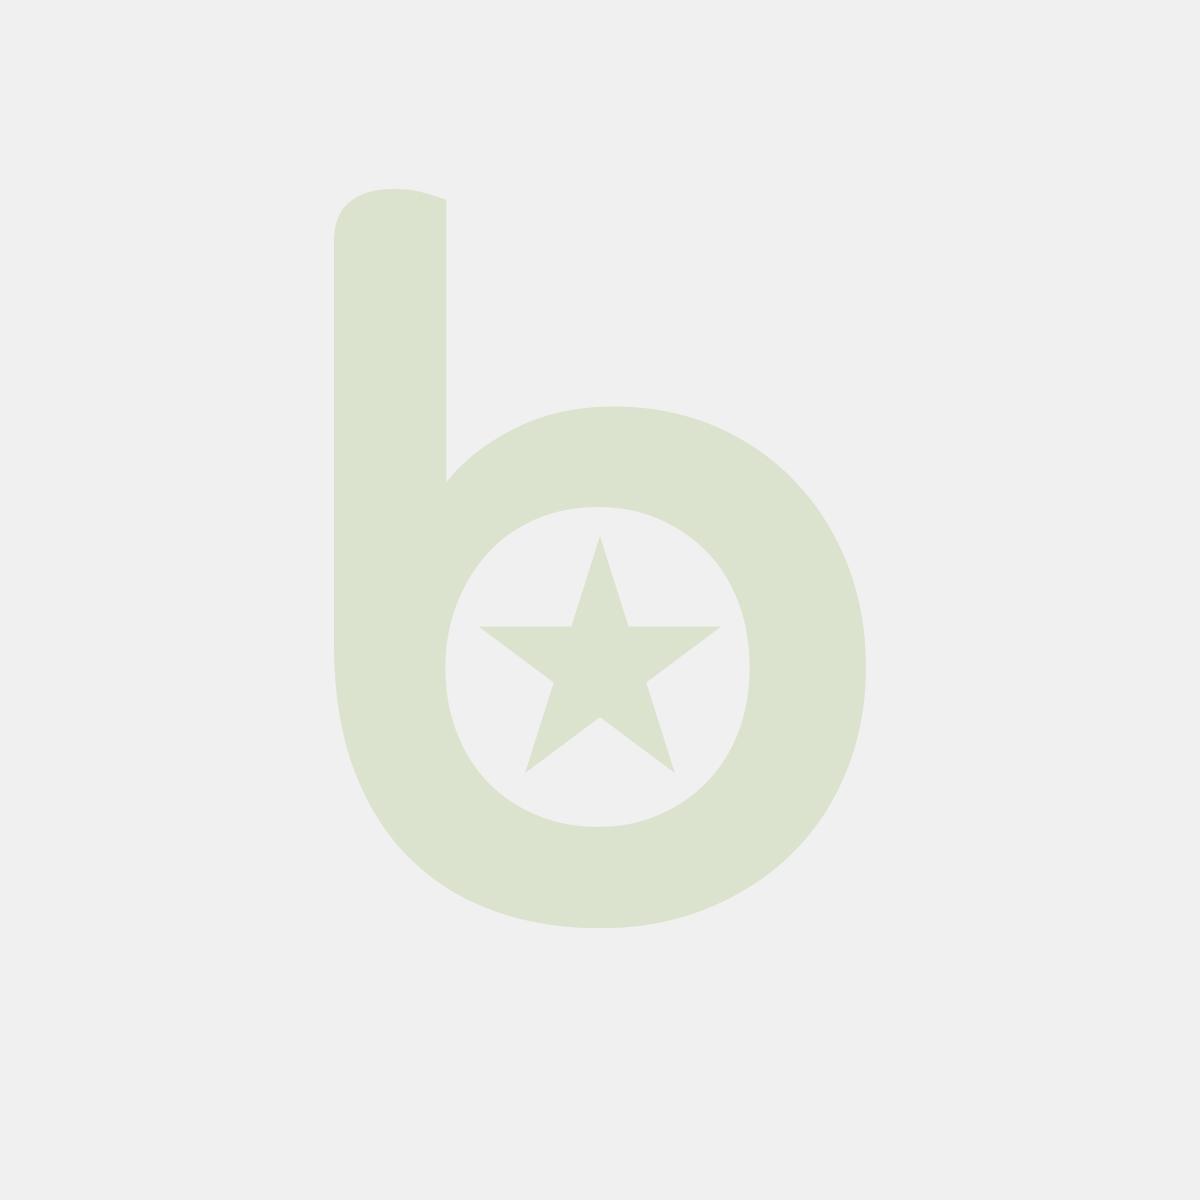 Pojemnik obiadowy T B 227/178/1 H10 R do zgrzewu 2700 ml h 10 cm bezbarwny, niedzielony, gładki, czarny ANiS op. 380 sztuk